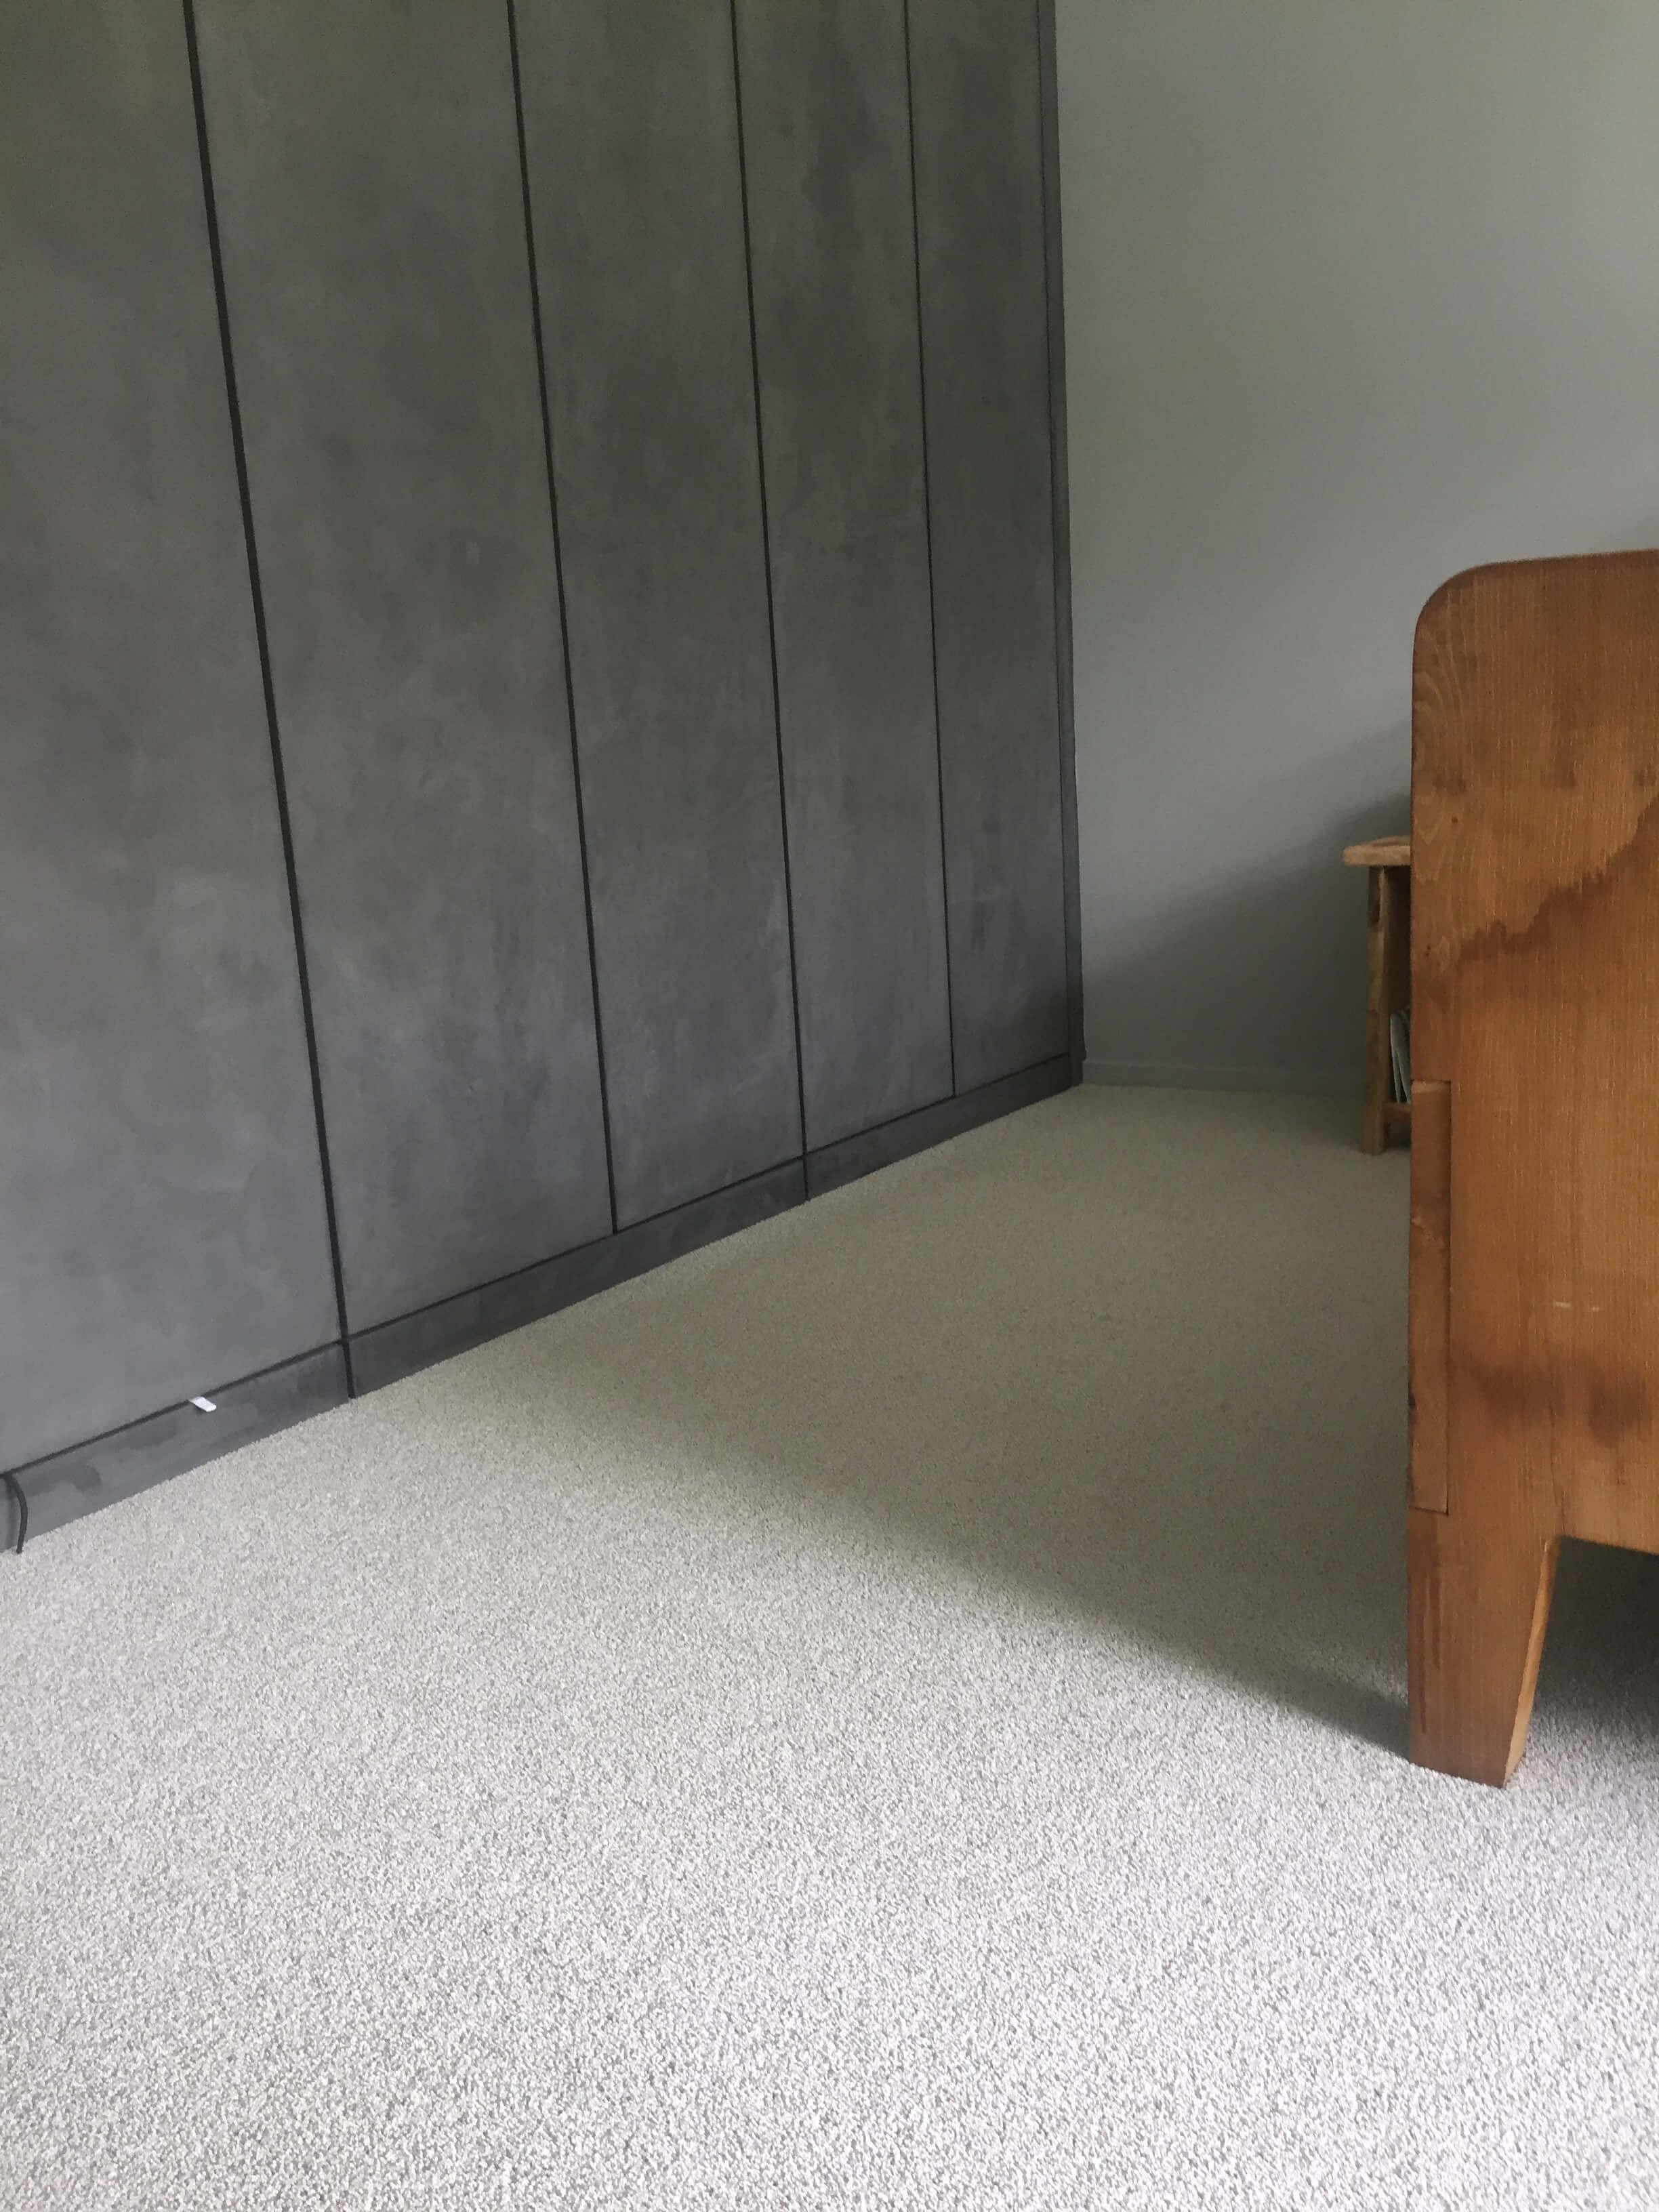 https://www.drijvers-oisterwijk.nl/wp-content/uploads/2018/07/3245-drijvers-oisterwijk-interieur-modern-tapijt-gordijnen-mudroom-grijs-10.jpg